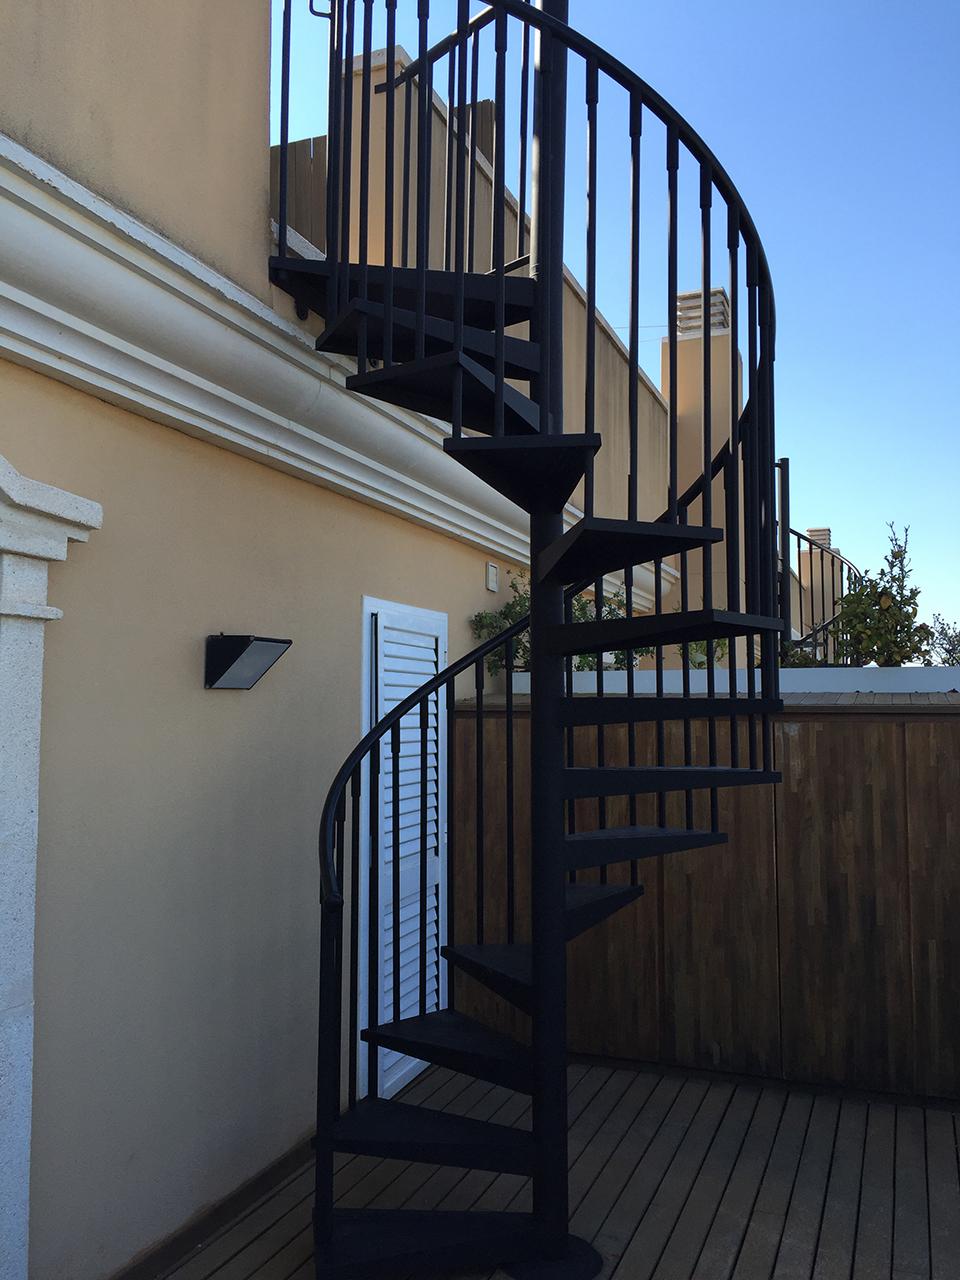 Pintaecol gic pintura de protecci n de escalera met lica - Escaleras de caracol metalicas ...